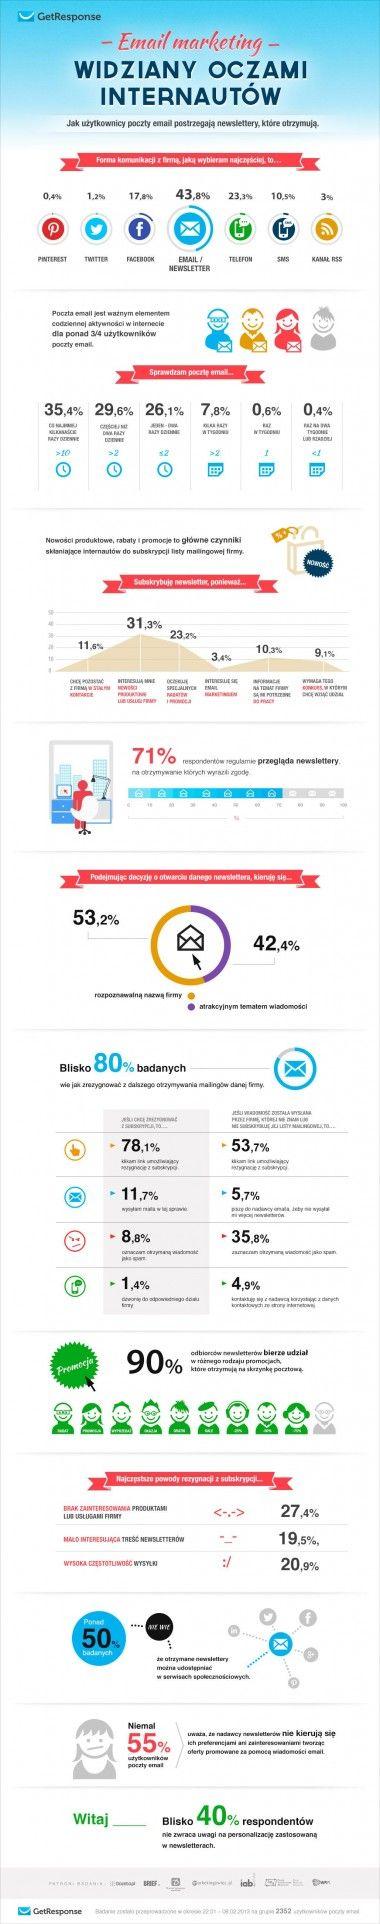 E-mail marketing oczami internautów [infografika] - eCommerce.edu.pl - cała wiedza o e-commerce